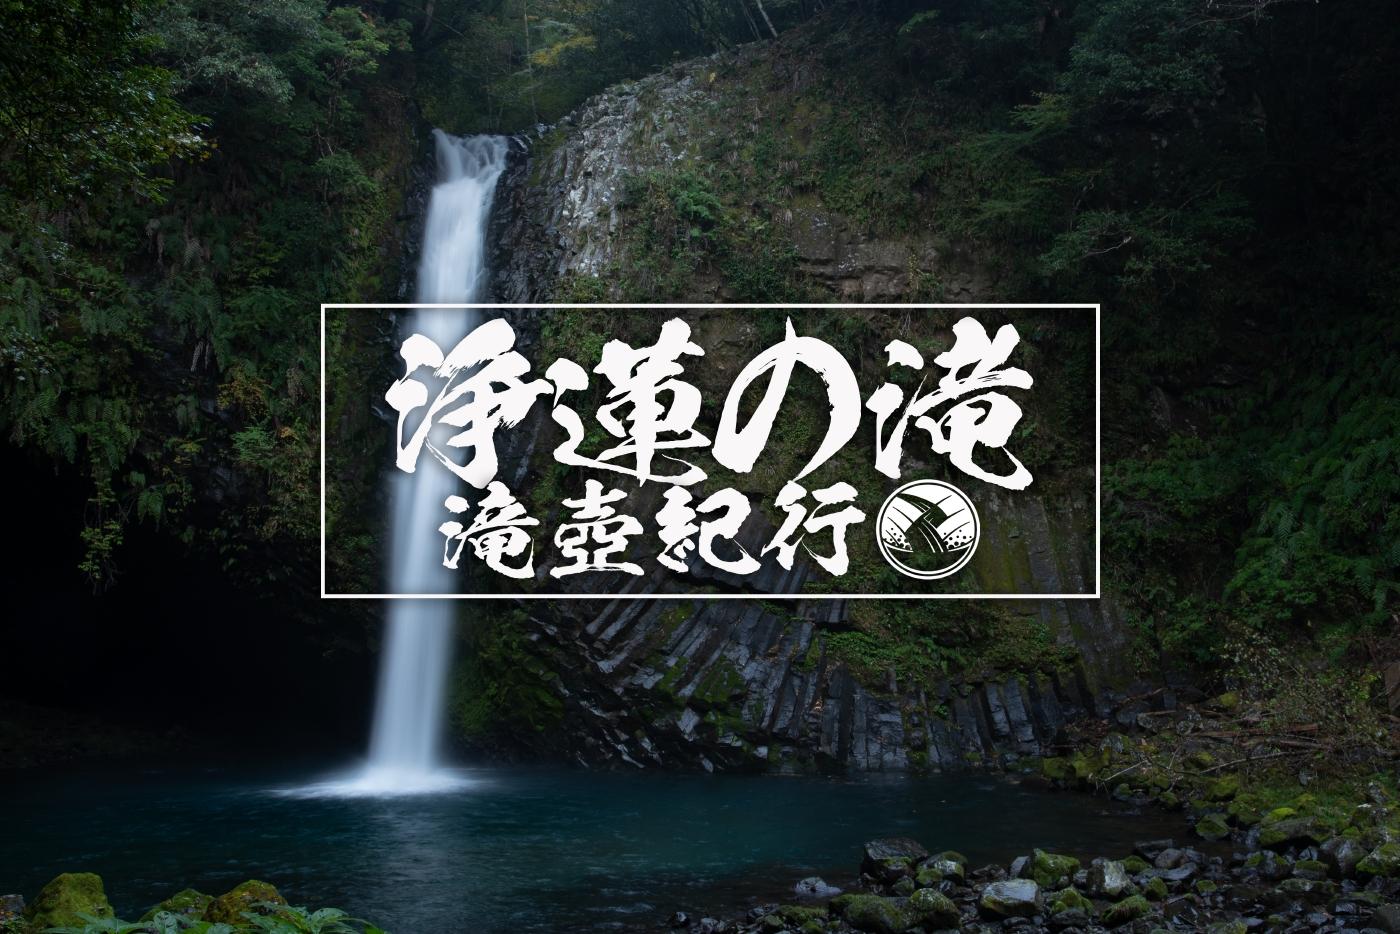 浄蓮の滝 ~静岡県伊豆市~